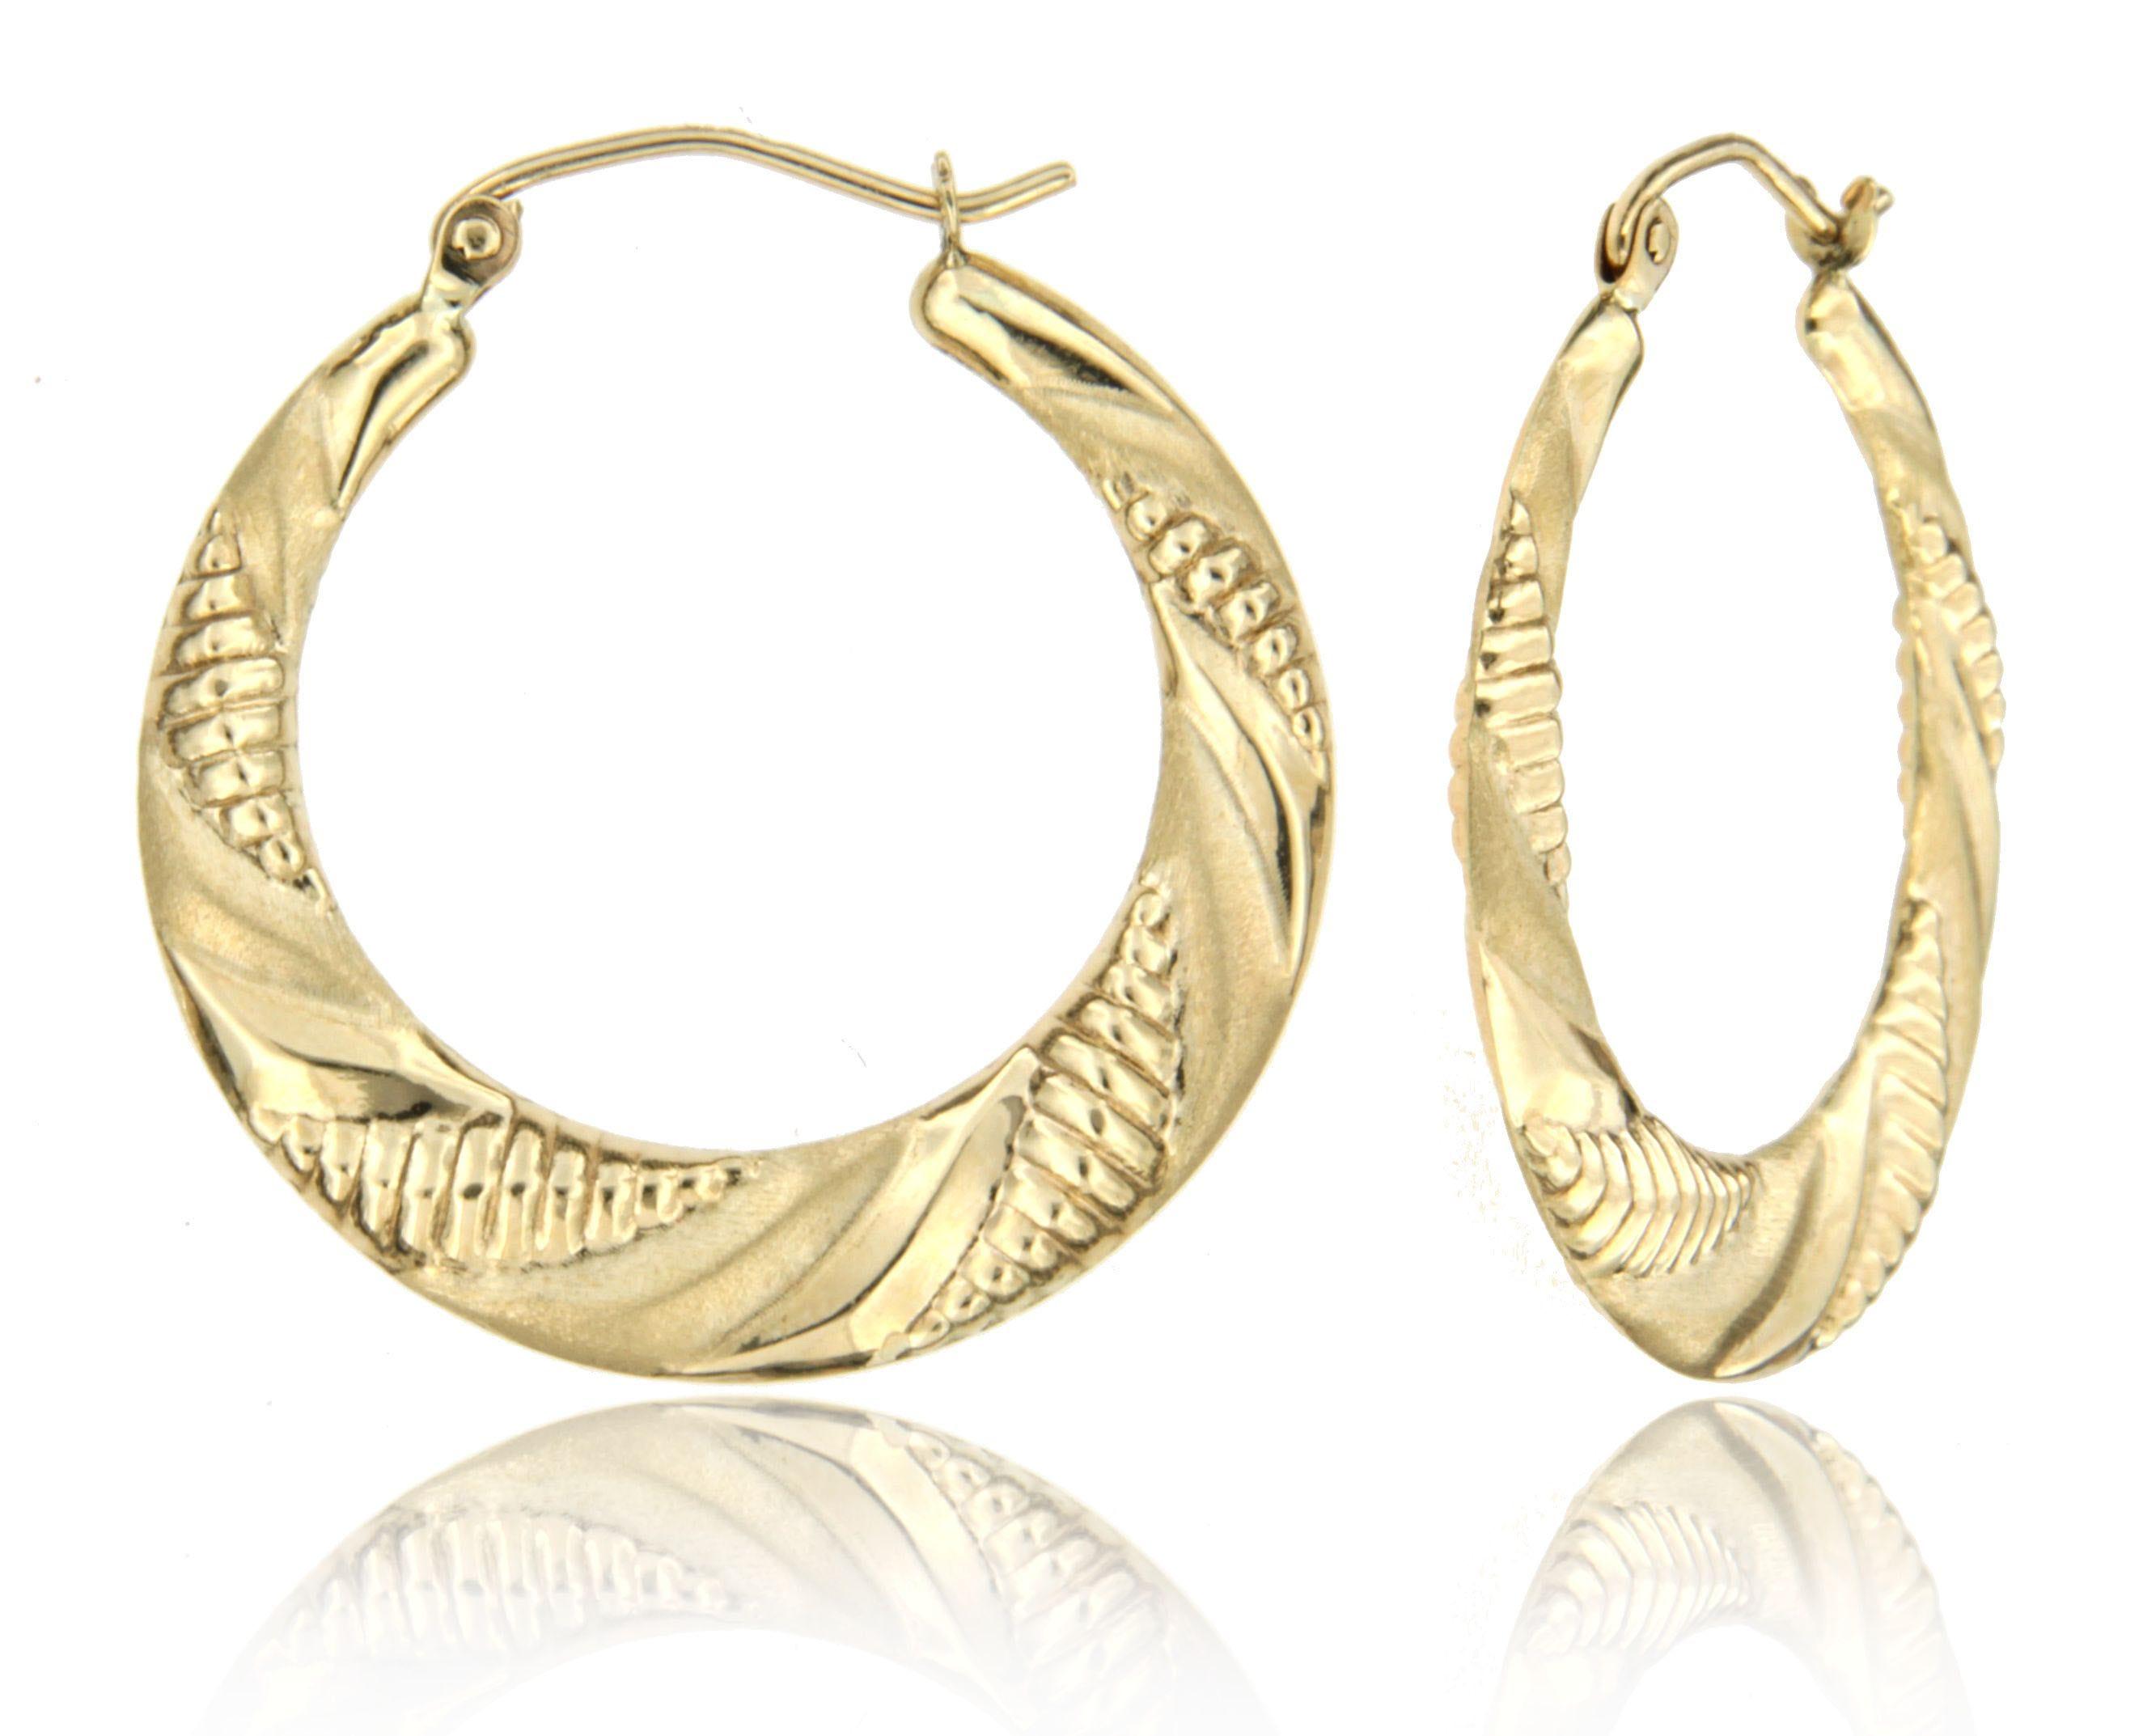 Flat Satin Hollow Hoop Earrings In 14k Yellow Gold